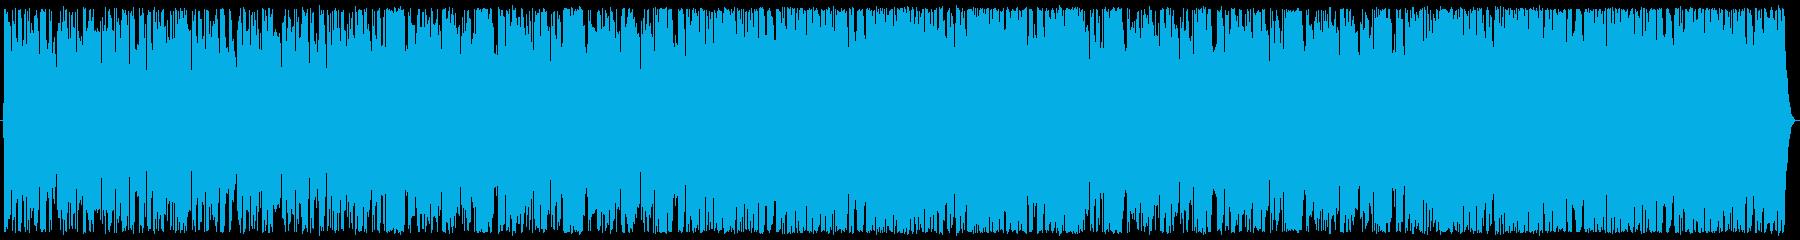 急展開、焦燥感を煽る曲の再生済みの波形